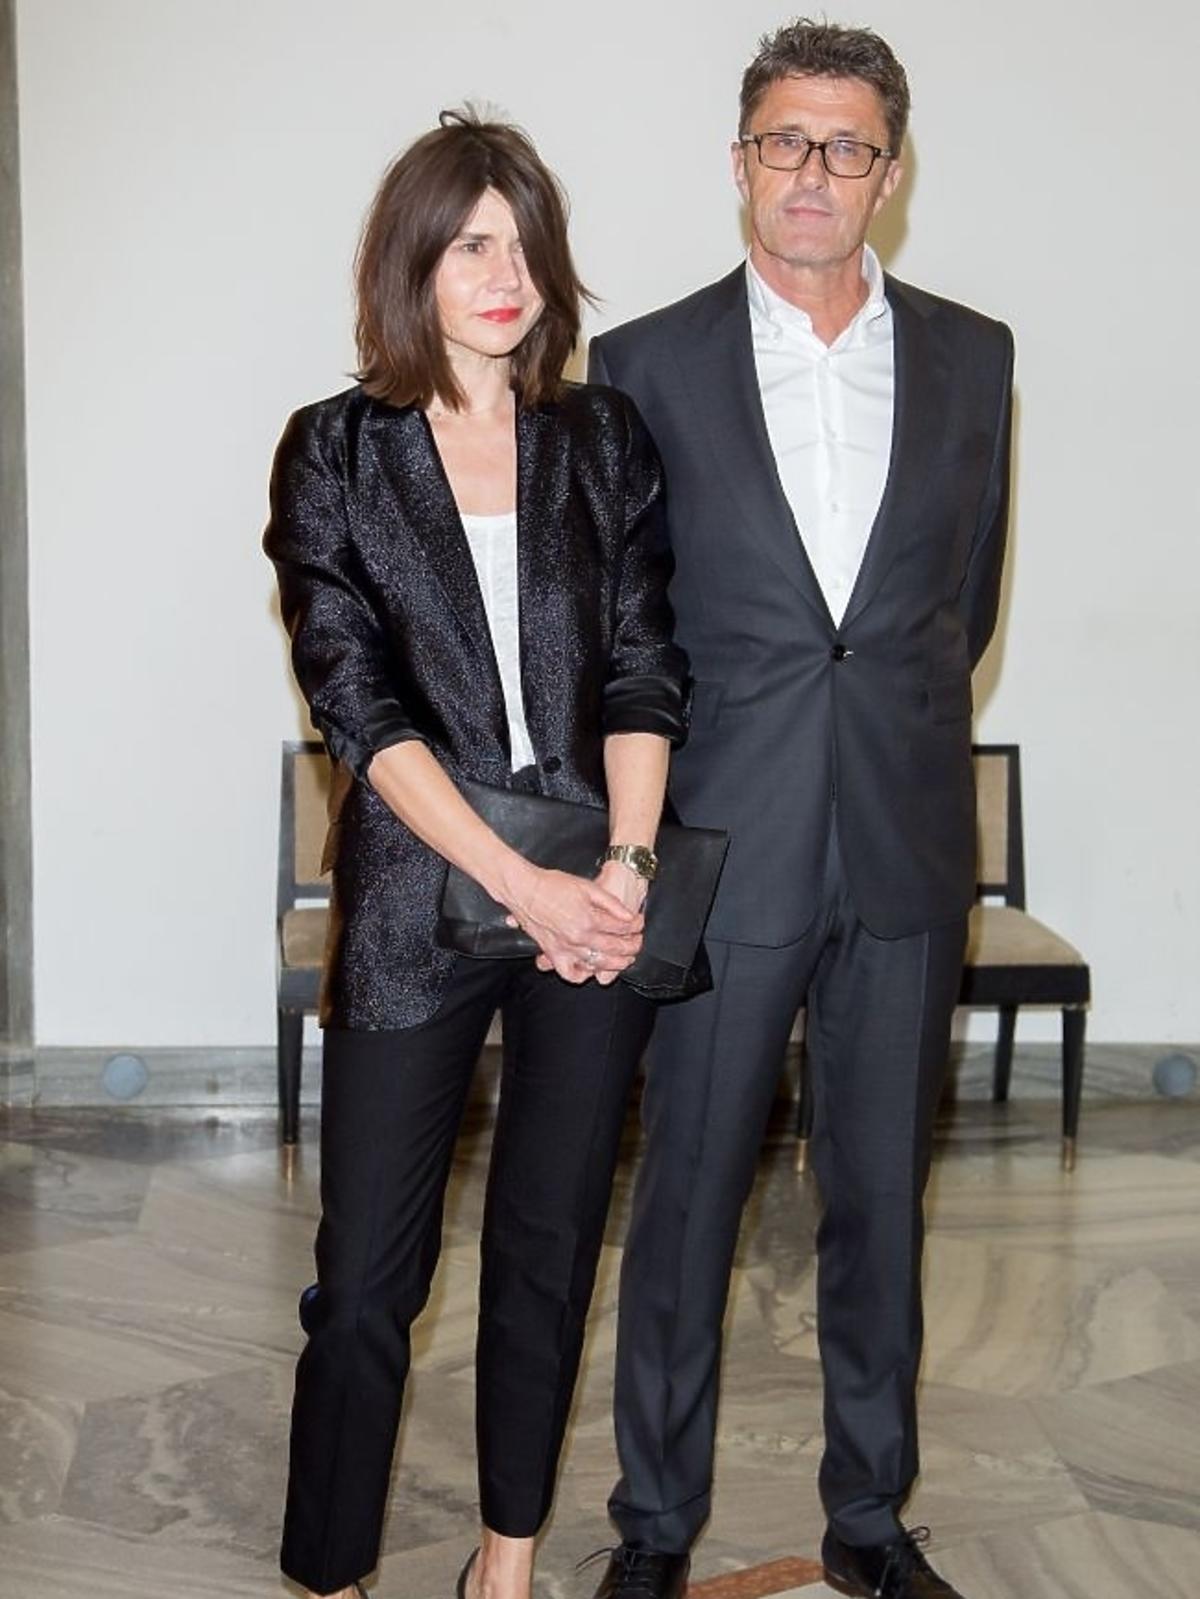 Małgośka Szumowska i Paweł Pawlikowski na 10-leciu Polskiego Instytutu Sztuki Filmowej